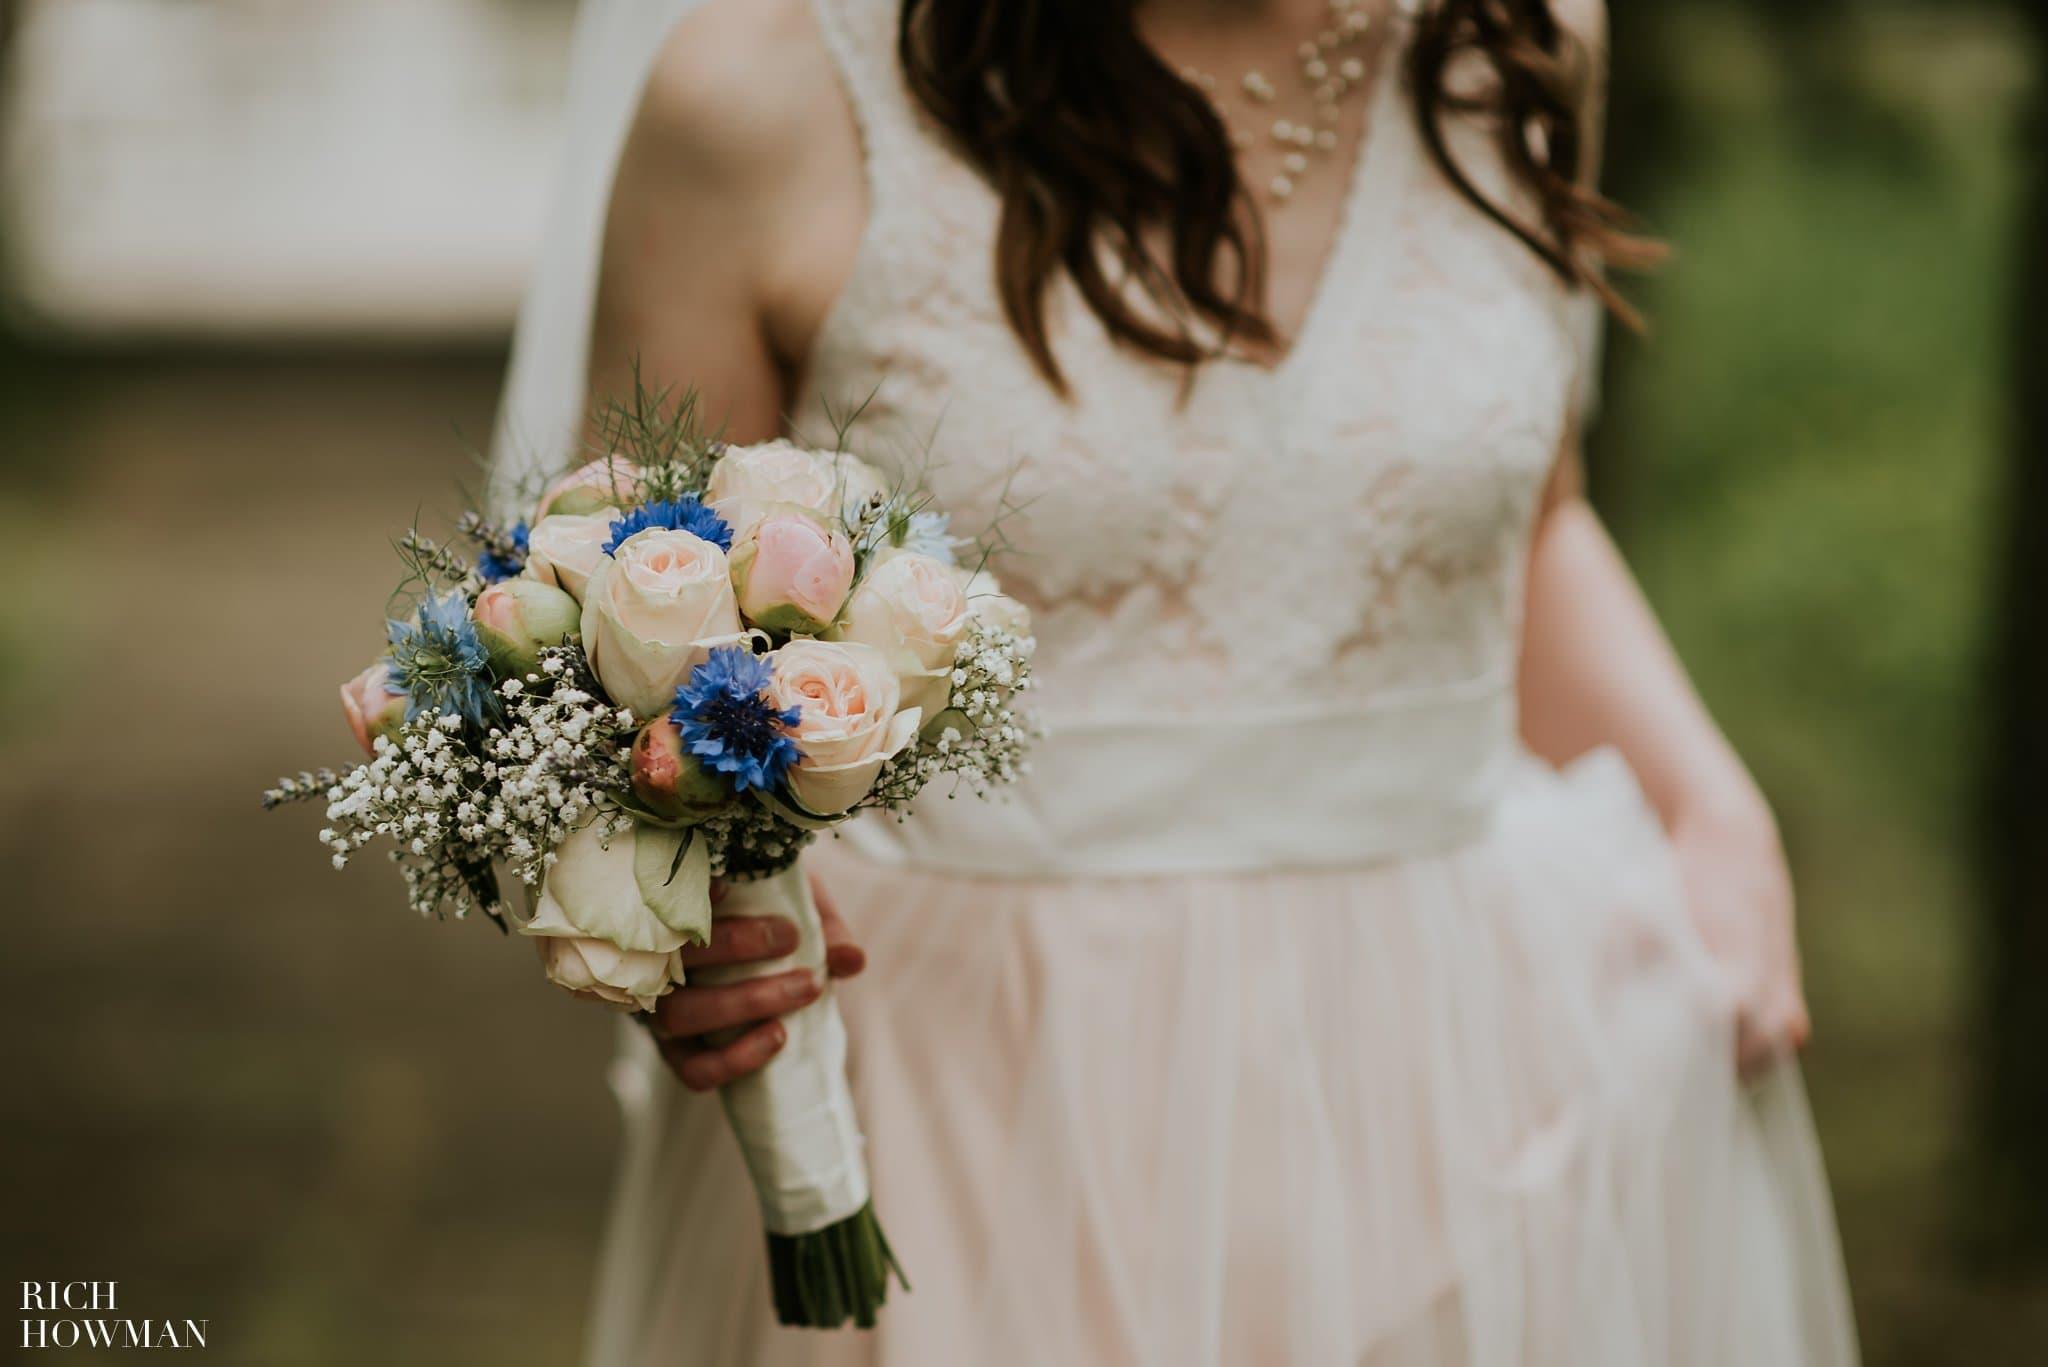 Brides bouquet photo - film effect